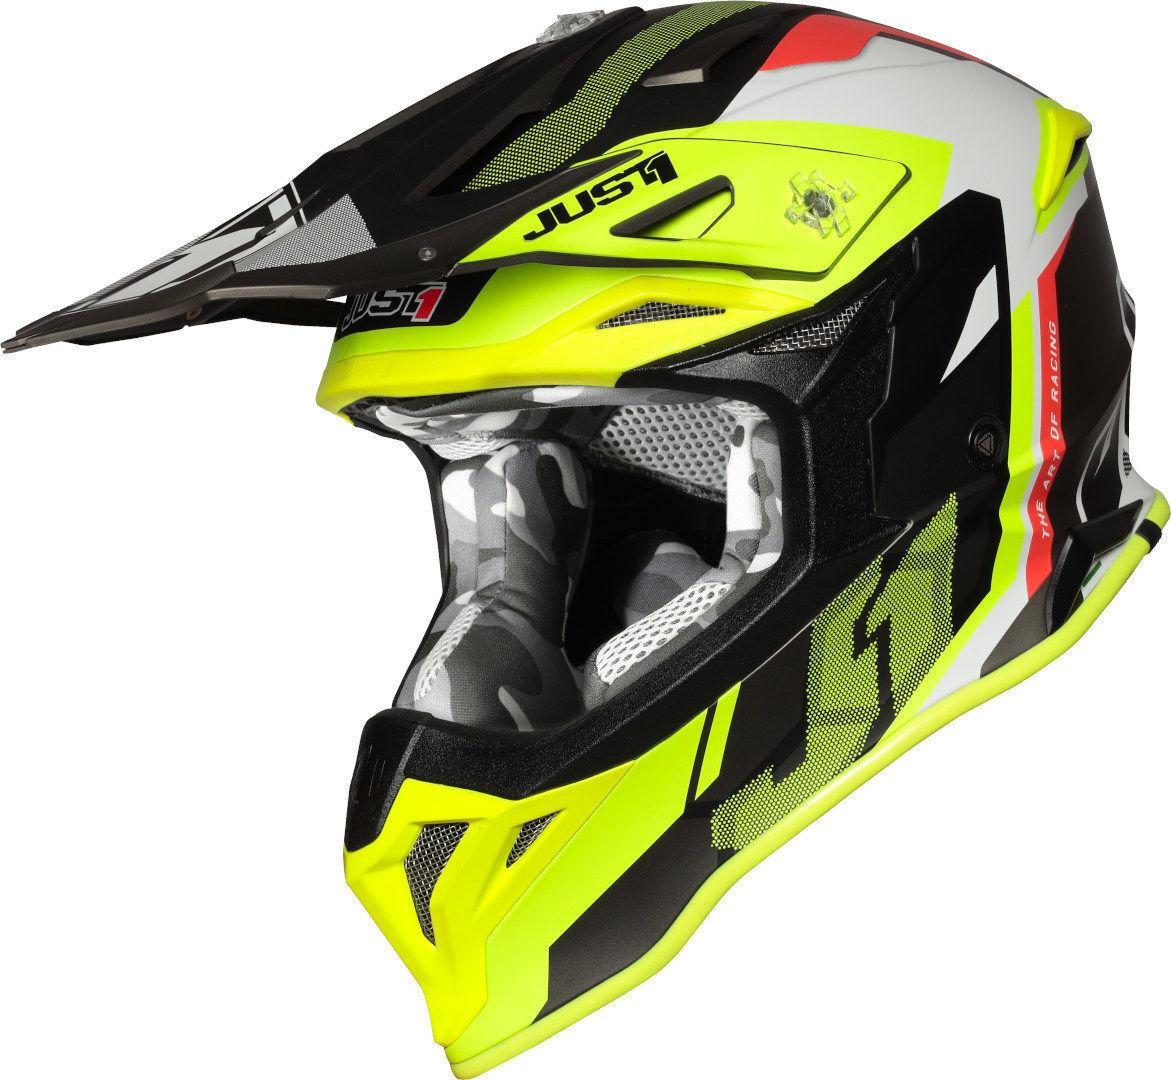 Just1 J39 Reactor Motocross kypärä  - Musta Punainen Keltainen - Size: M